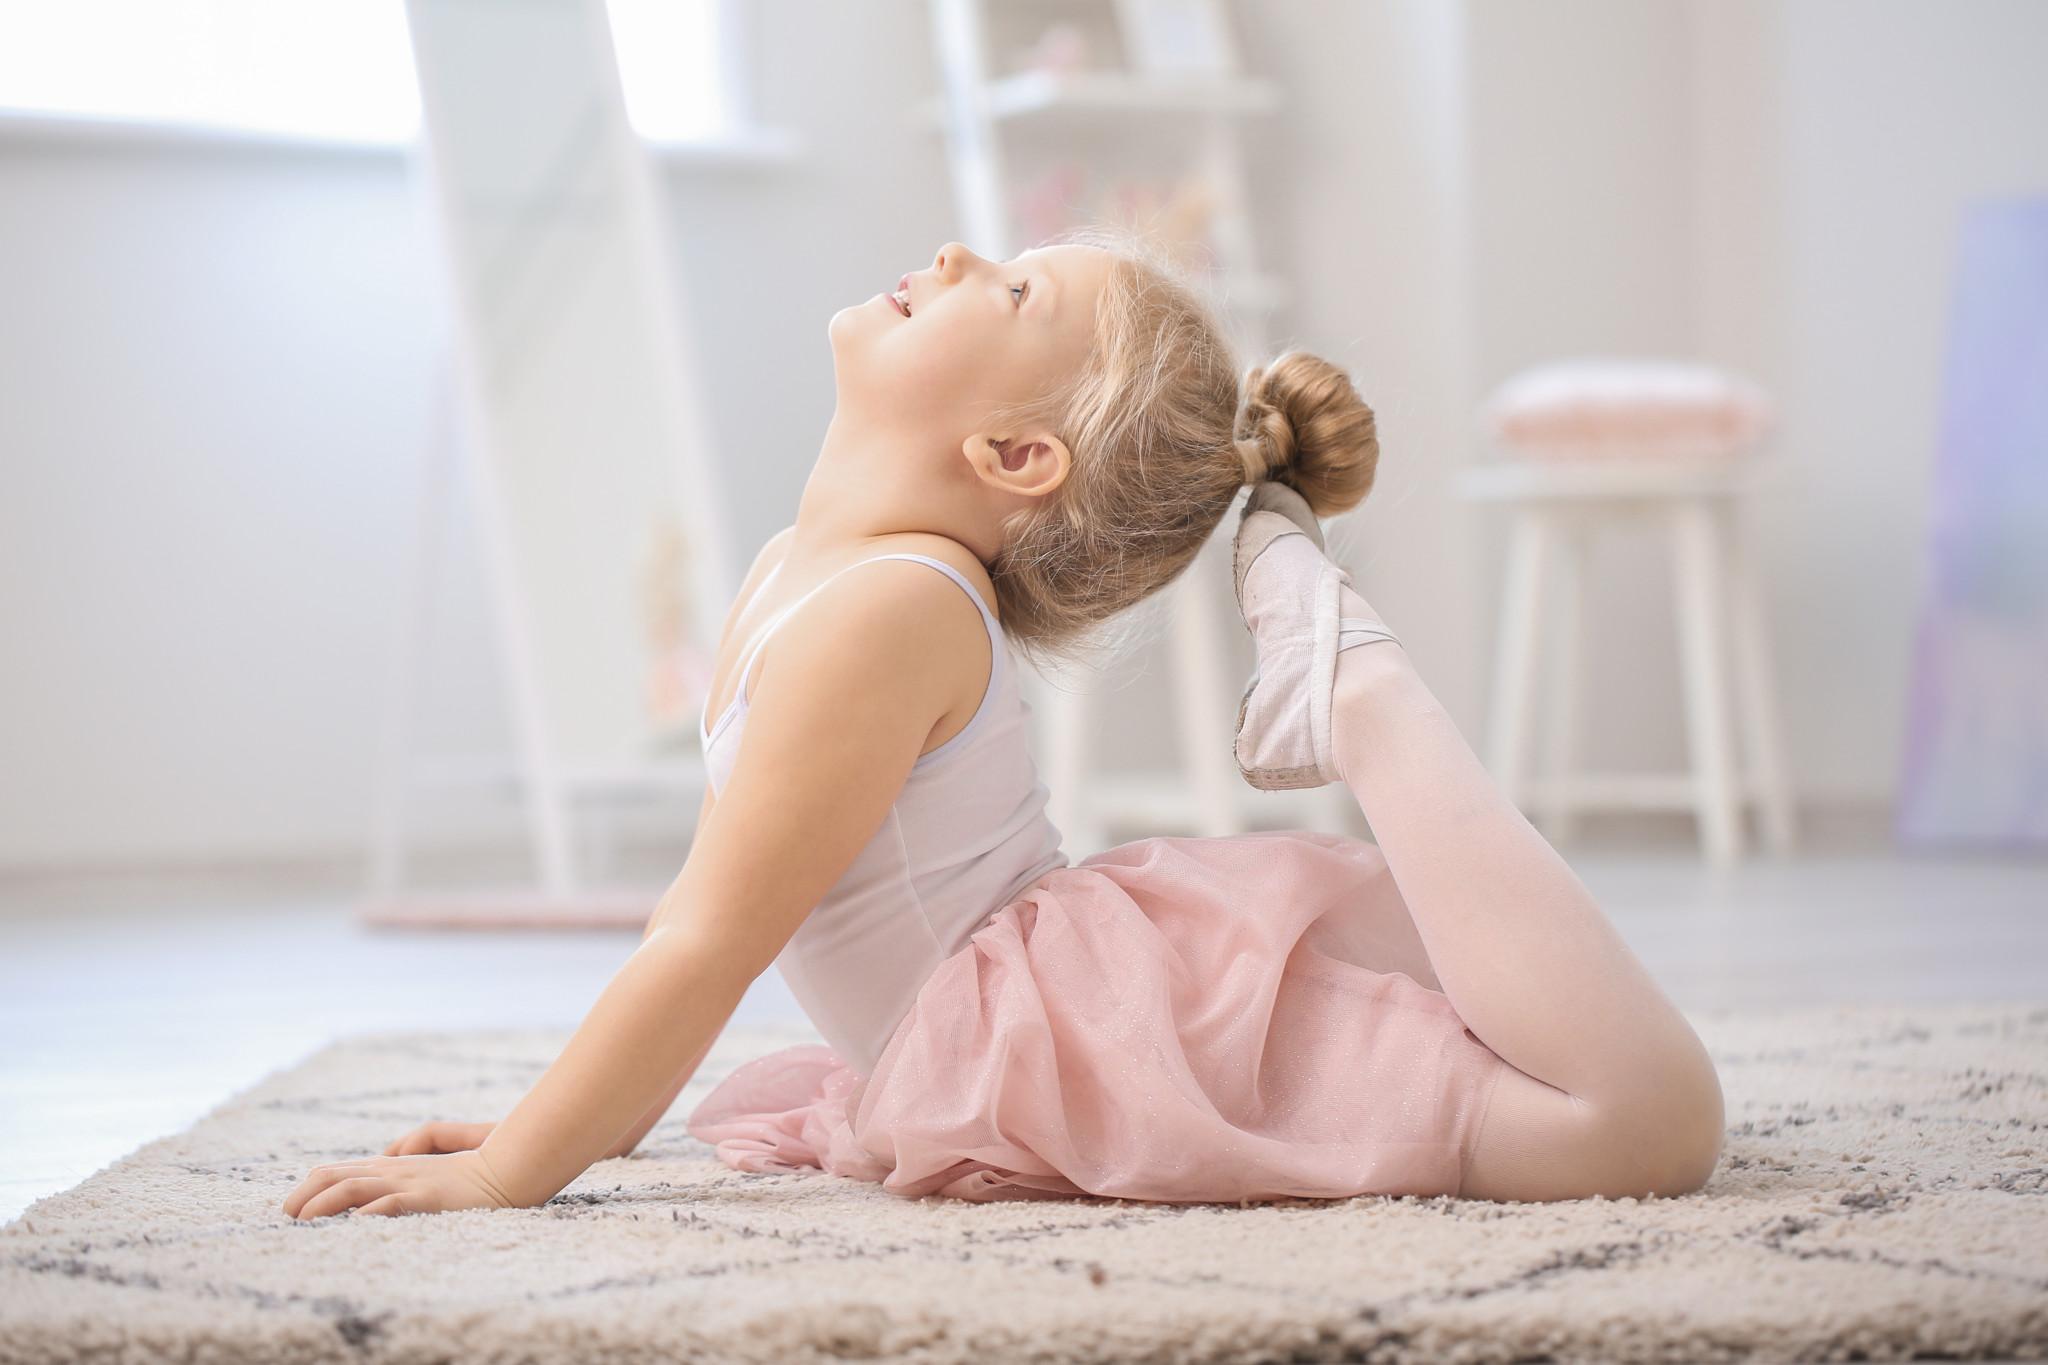 Cute little ballerina at home